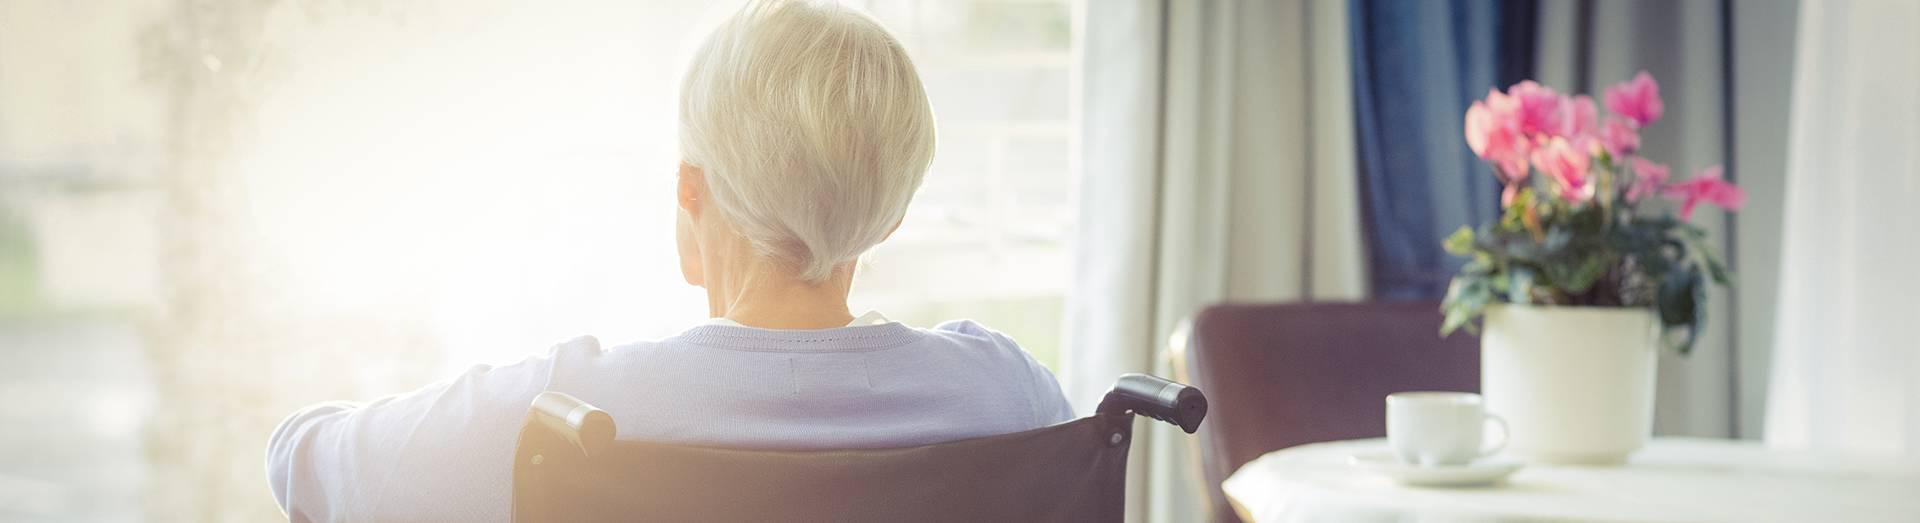 רקע של אישה על כסא גלגלים הפונה אל זכות ויוזמה חברה למימוש זכויות רפואיות